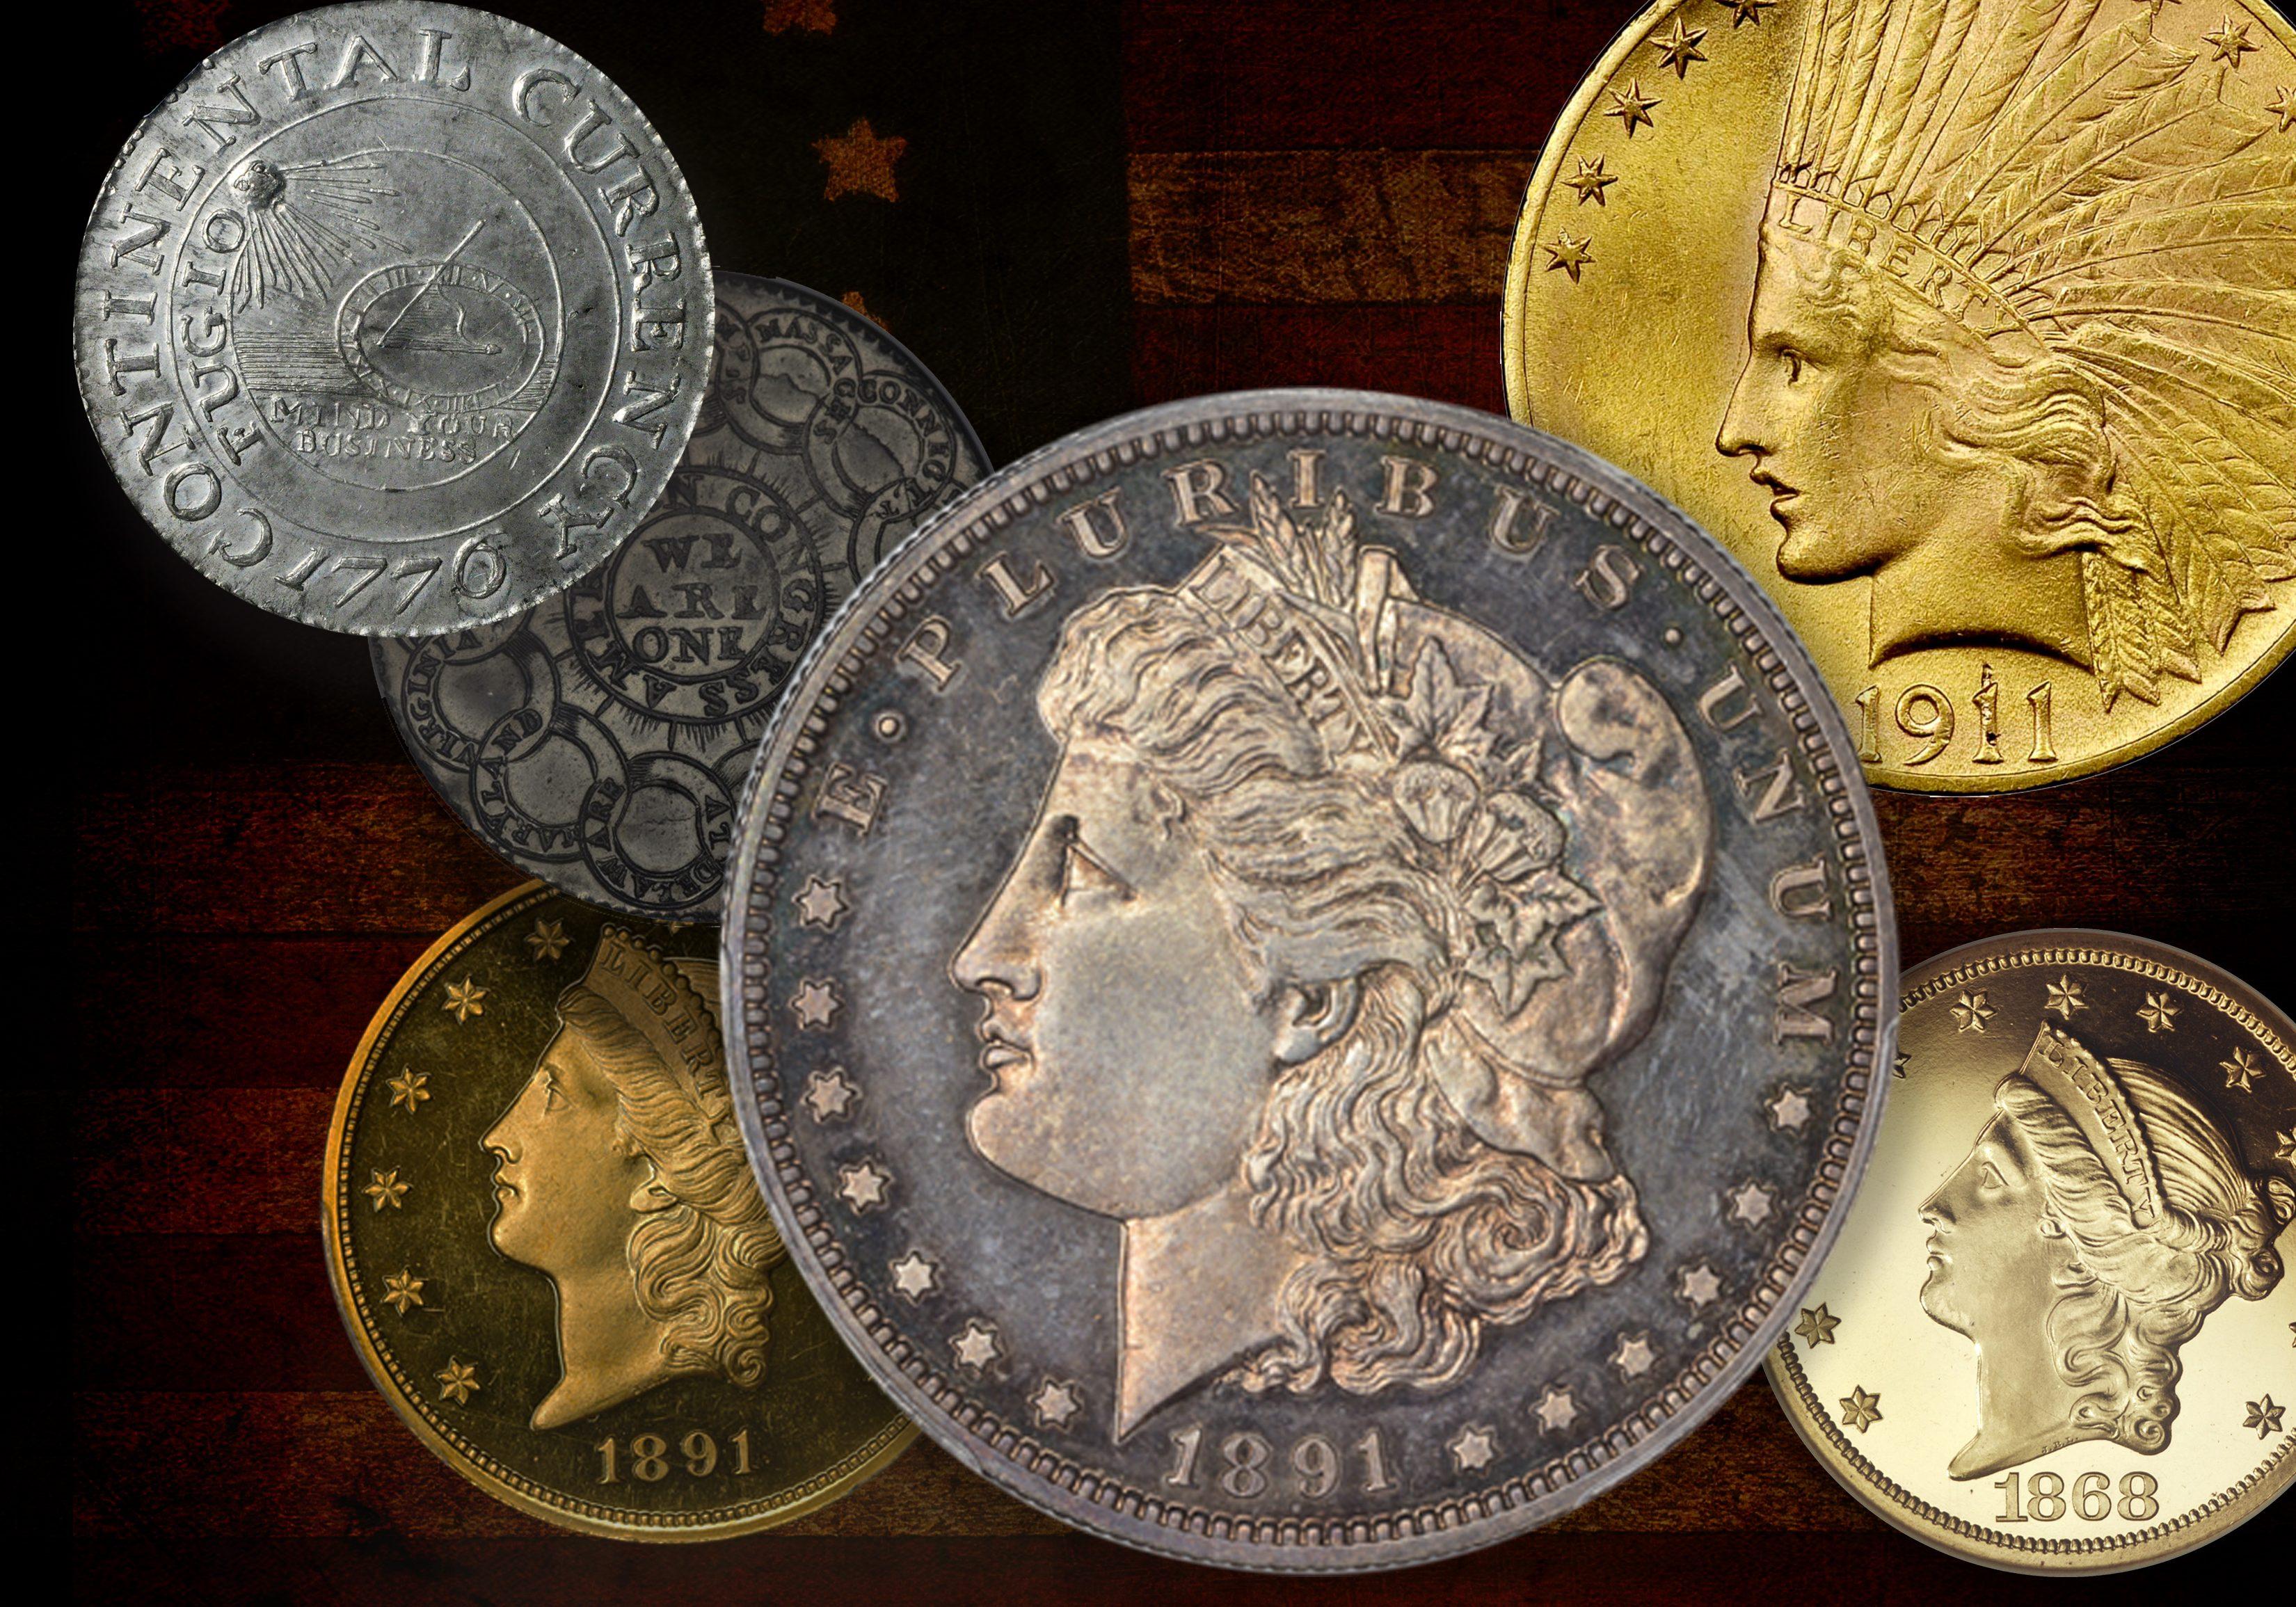 Rare Coins Still